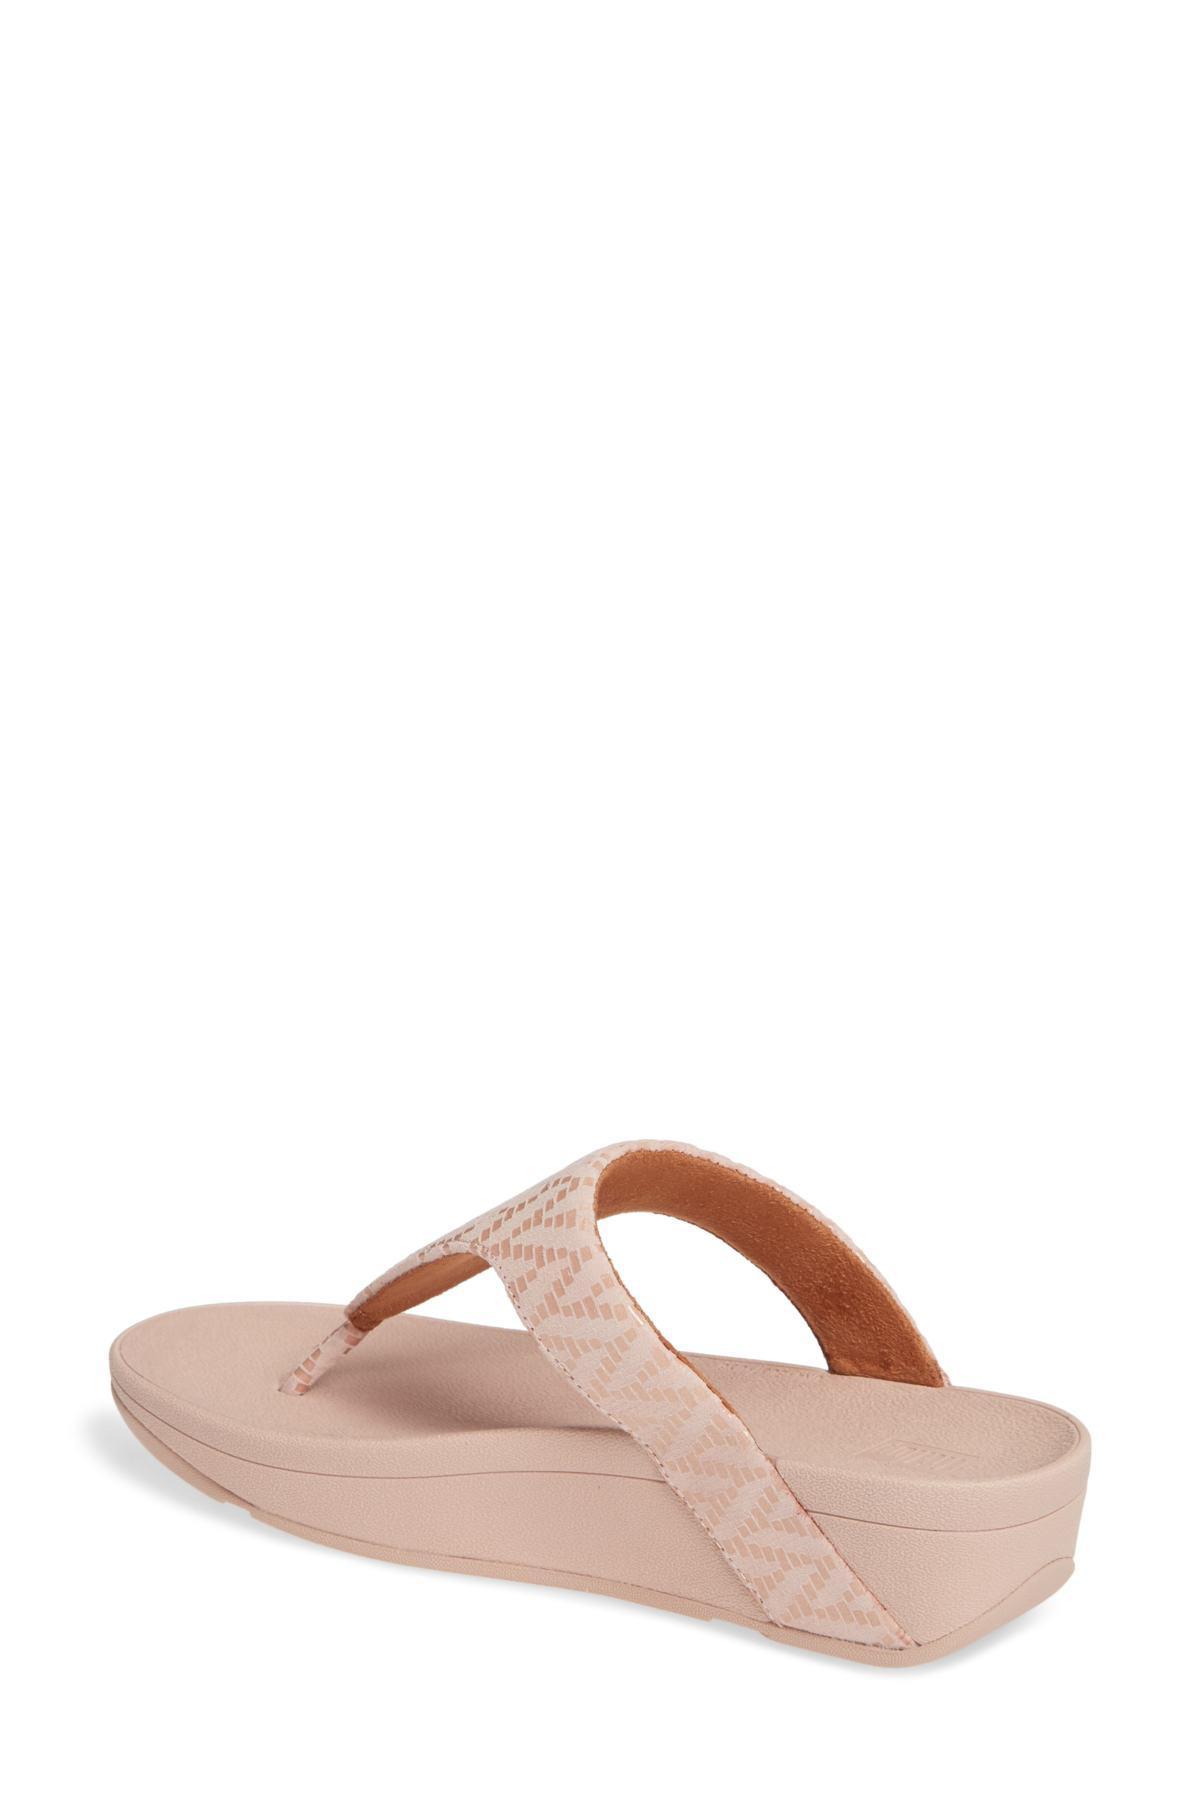 11b34ca8e Fitflop - Pink Lottie Chevron Wedge Flip Flop (women) - Lyst. View  fullscreen